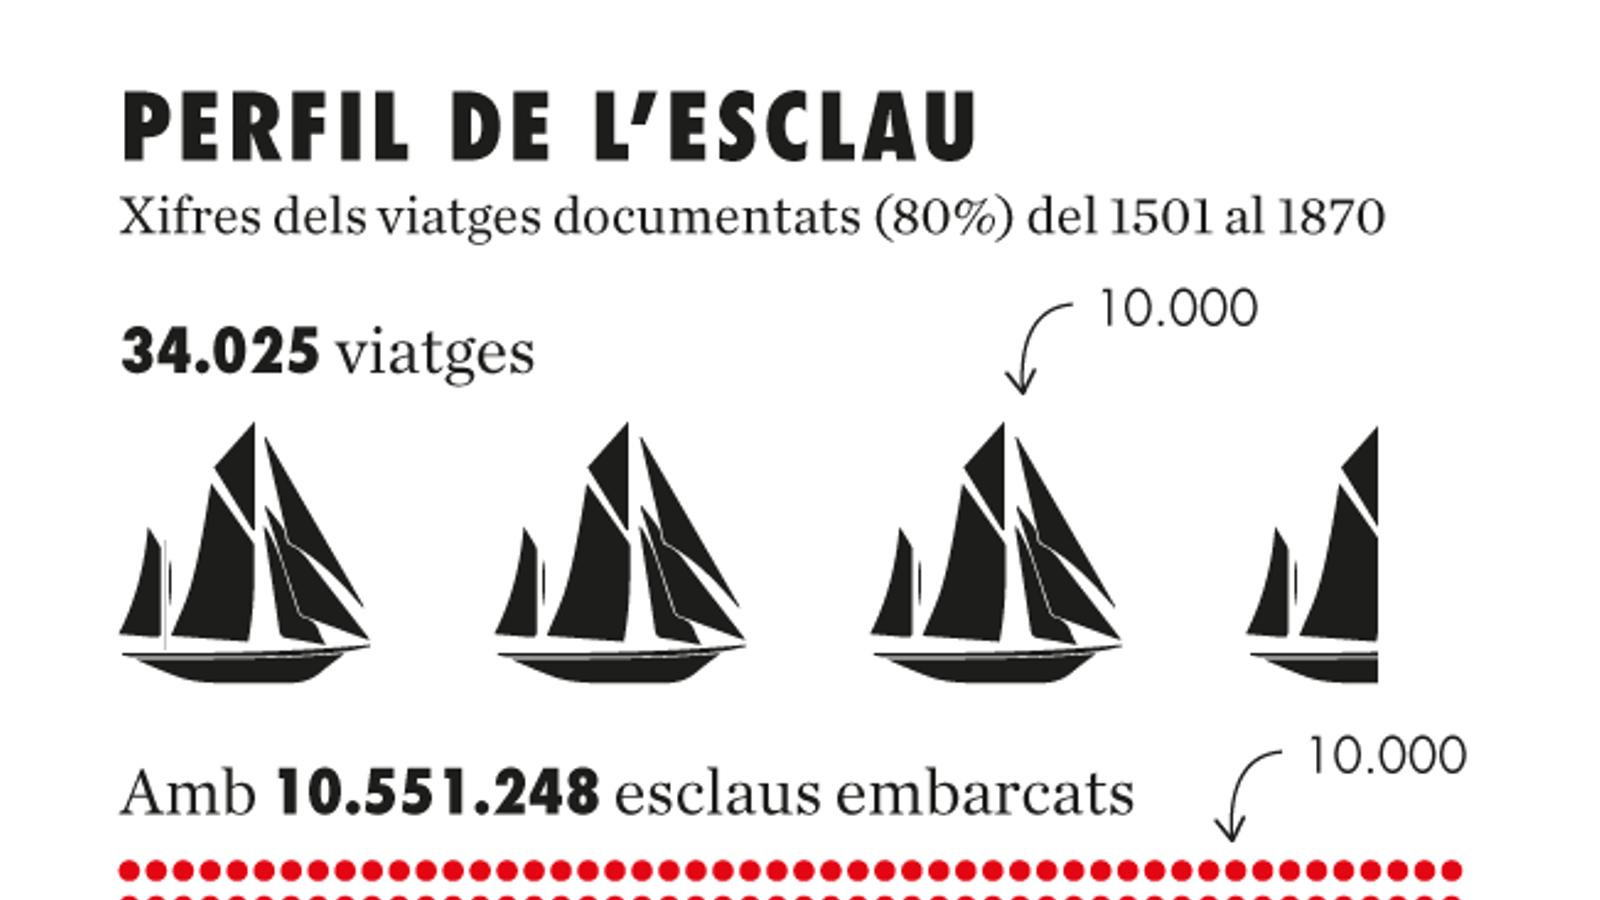 Esclavitud: 500 anys del negoci infame